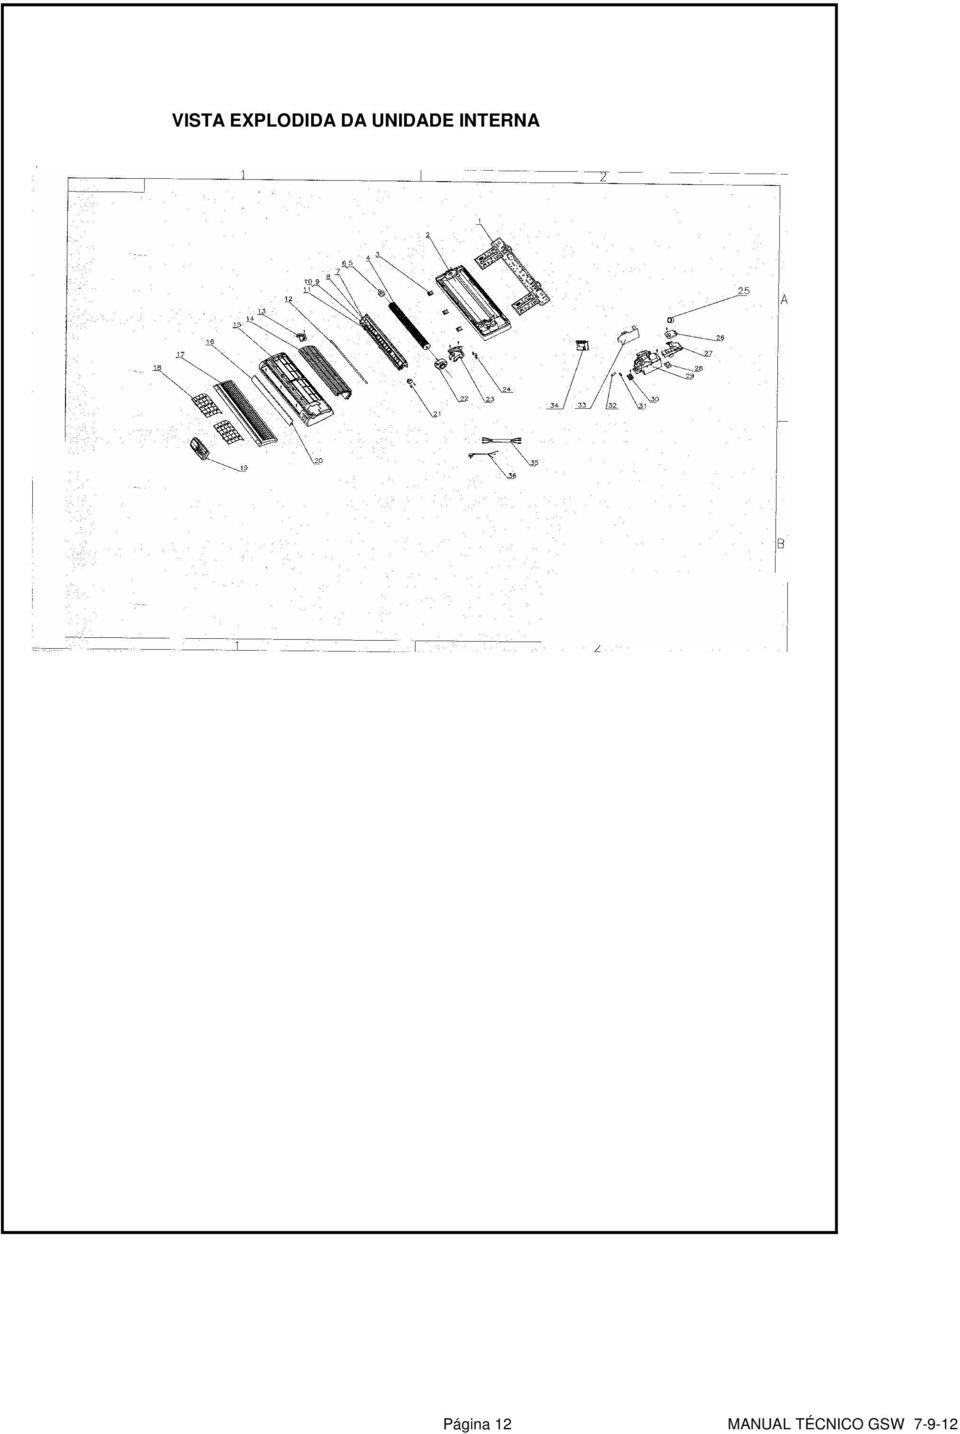 LINHA SPLIT WALL MANUAL TÉCNICO GSW 7 22 GSW 9 22 (C) GSW